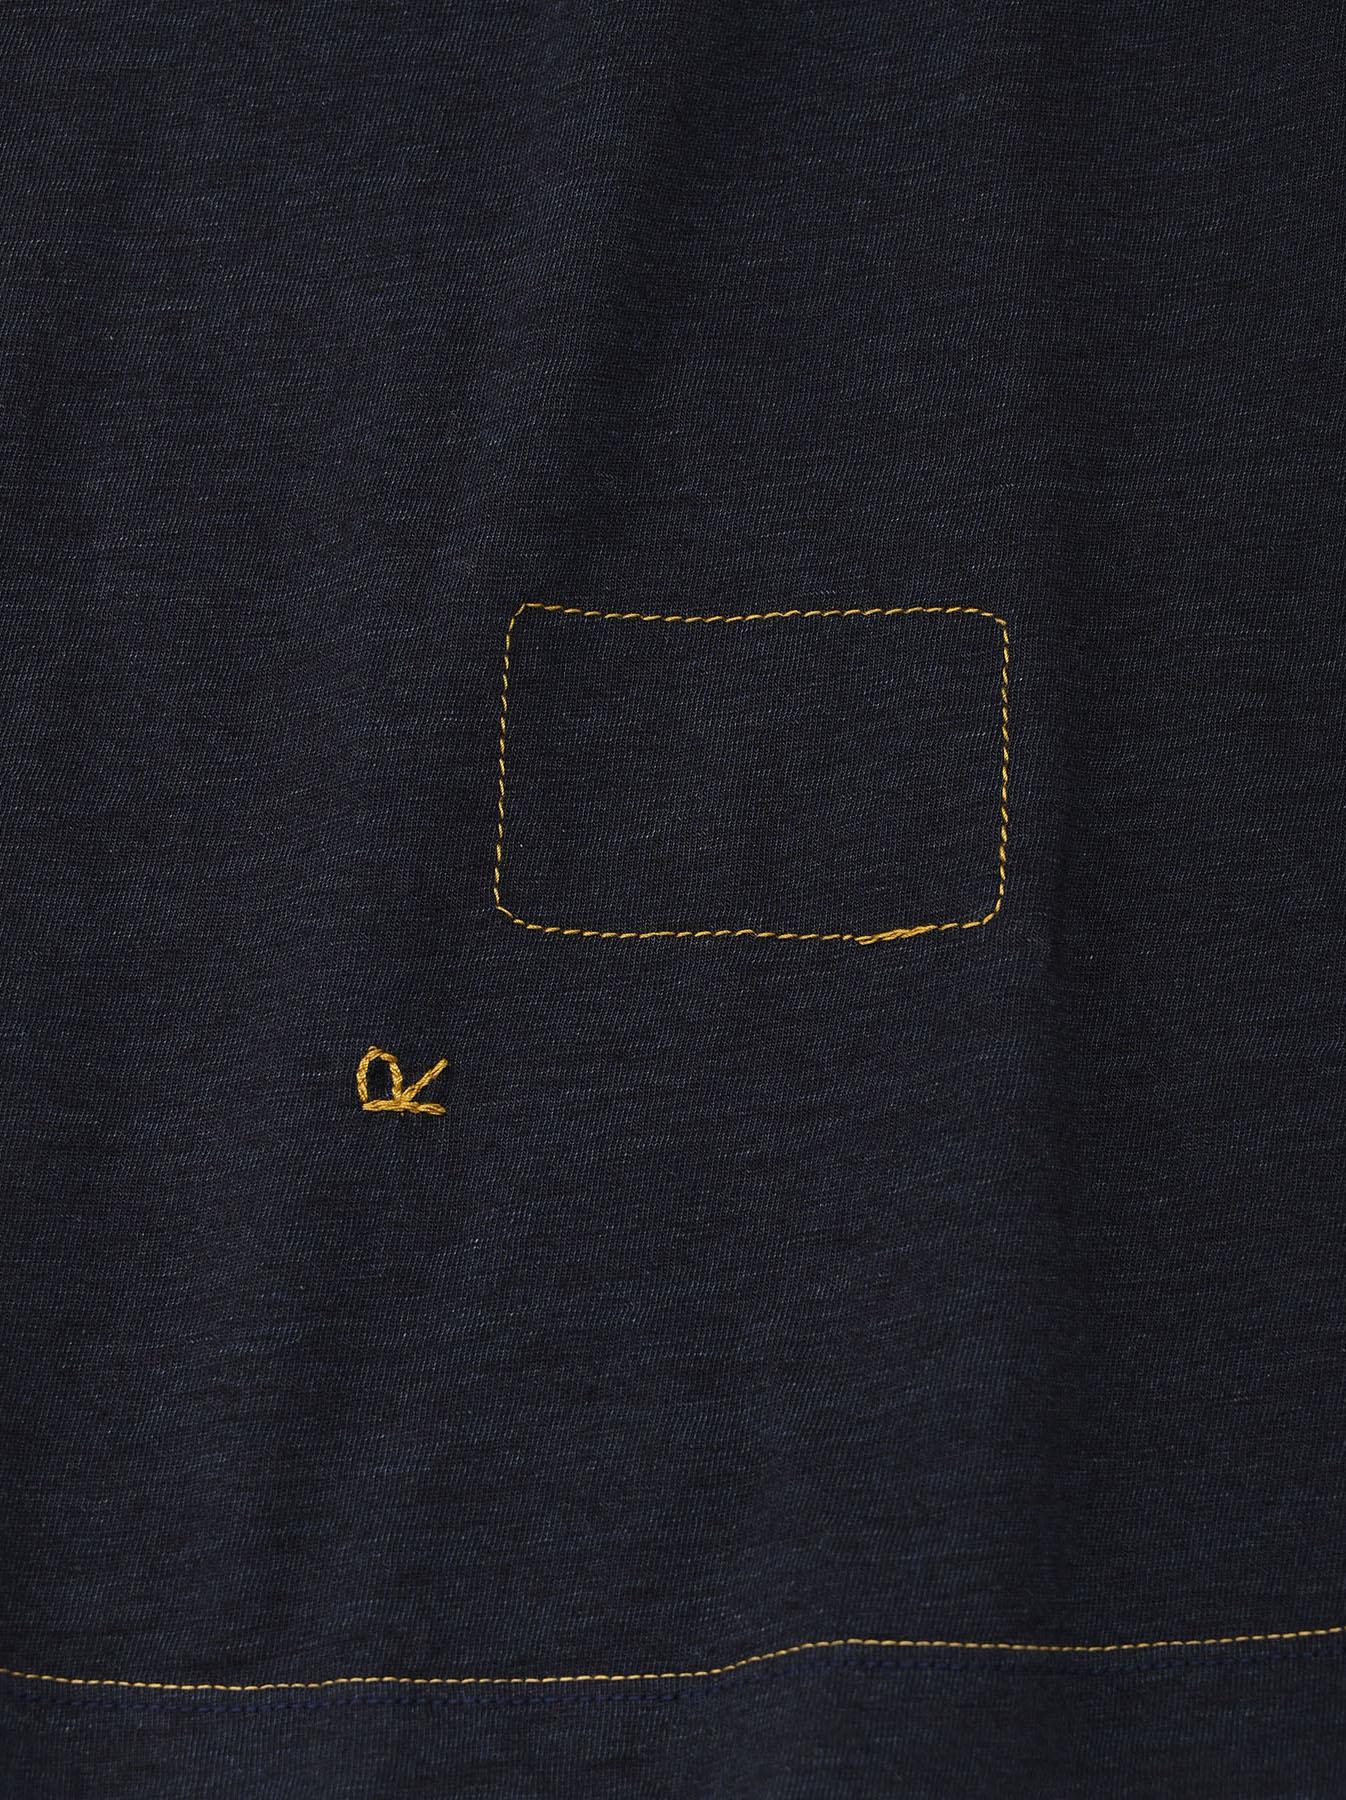 Indigo Sumite de Owl T-shirt-10